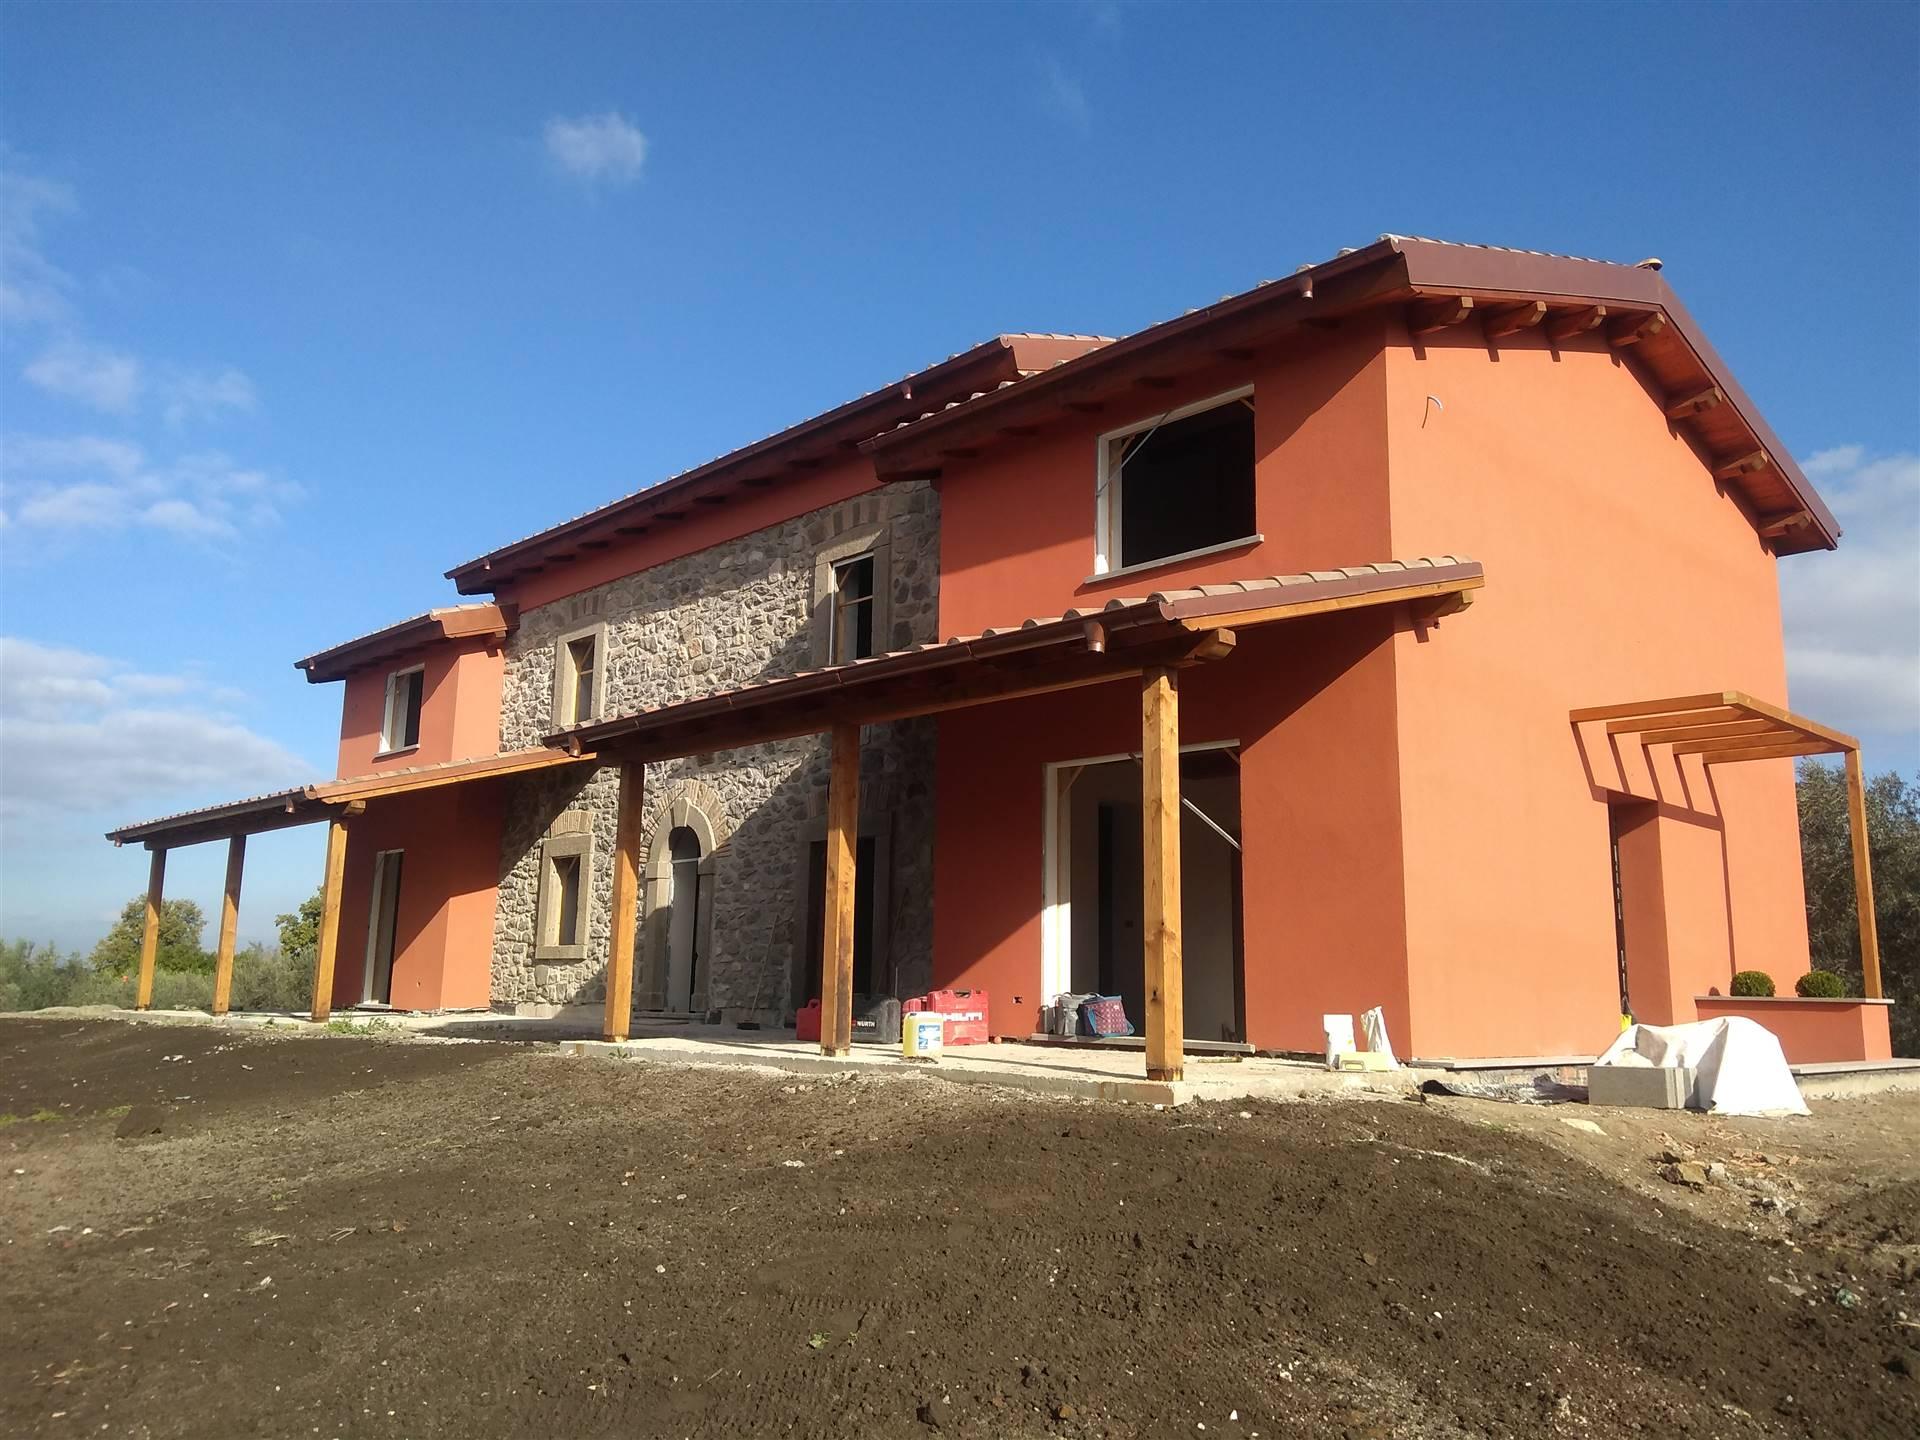 Villa Bifamiliare in vendita a Viterbo, 5 locali, zona Località: CASSIA SUD, prezzo € 290.000 | CambioCasa.it